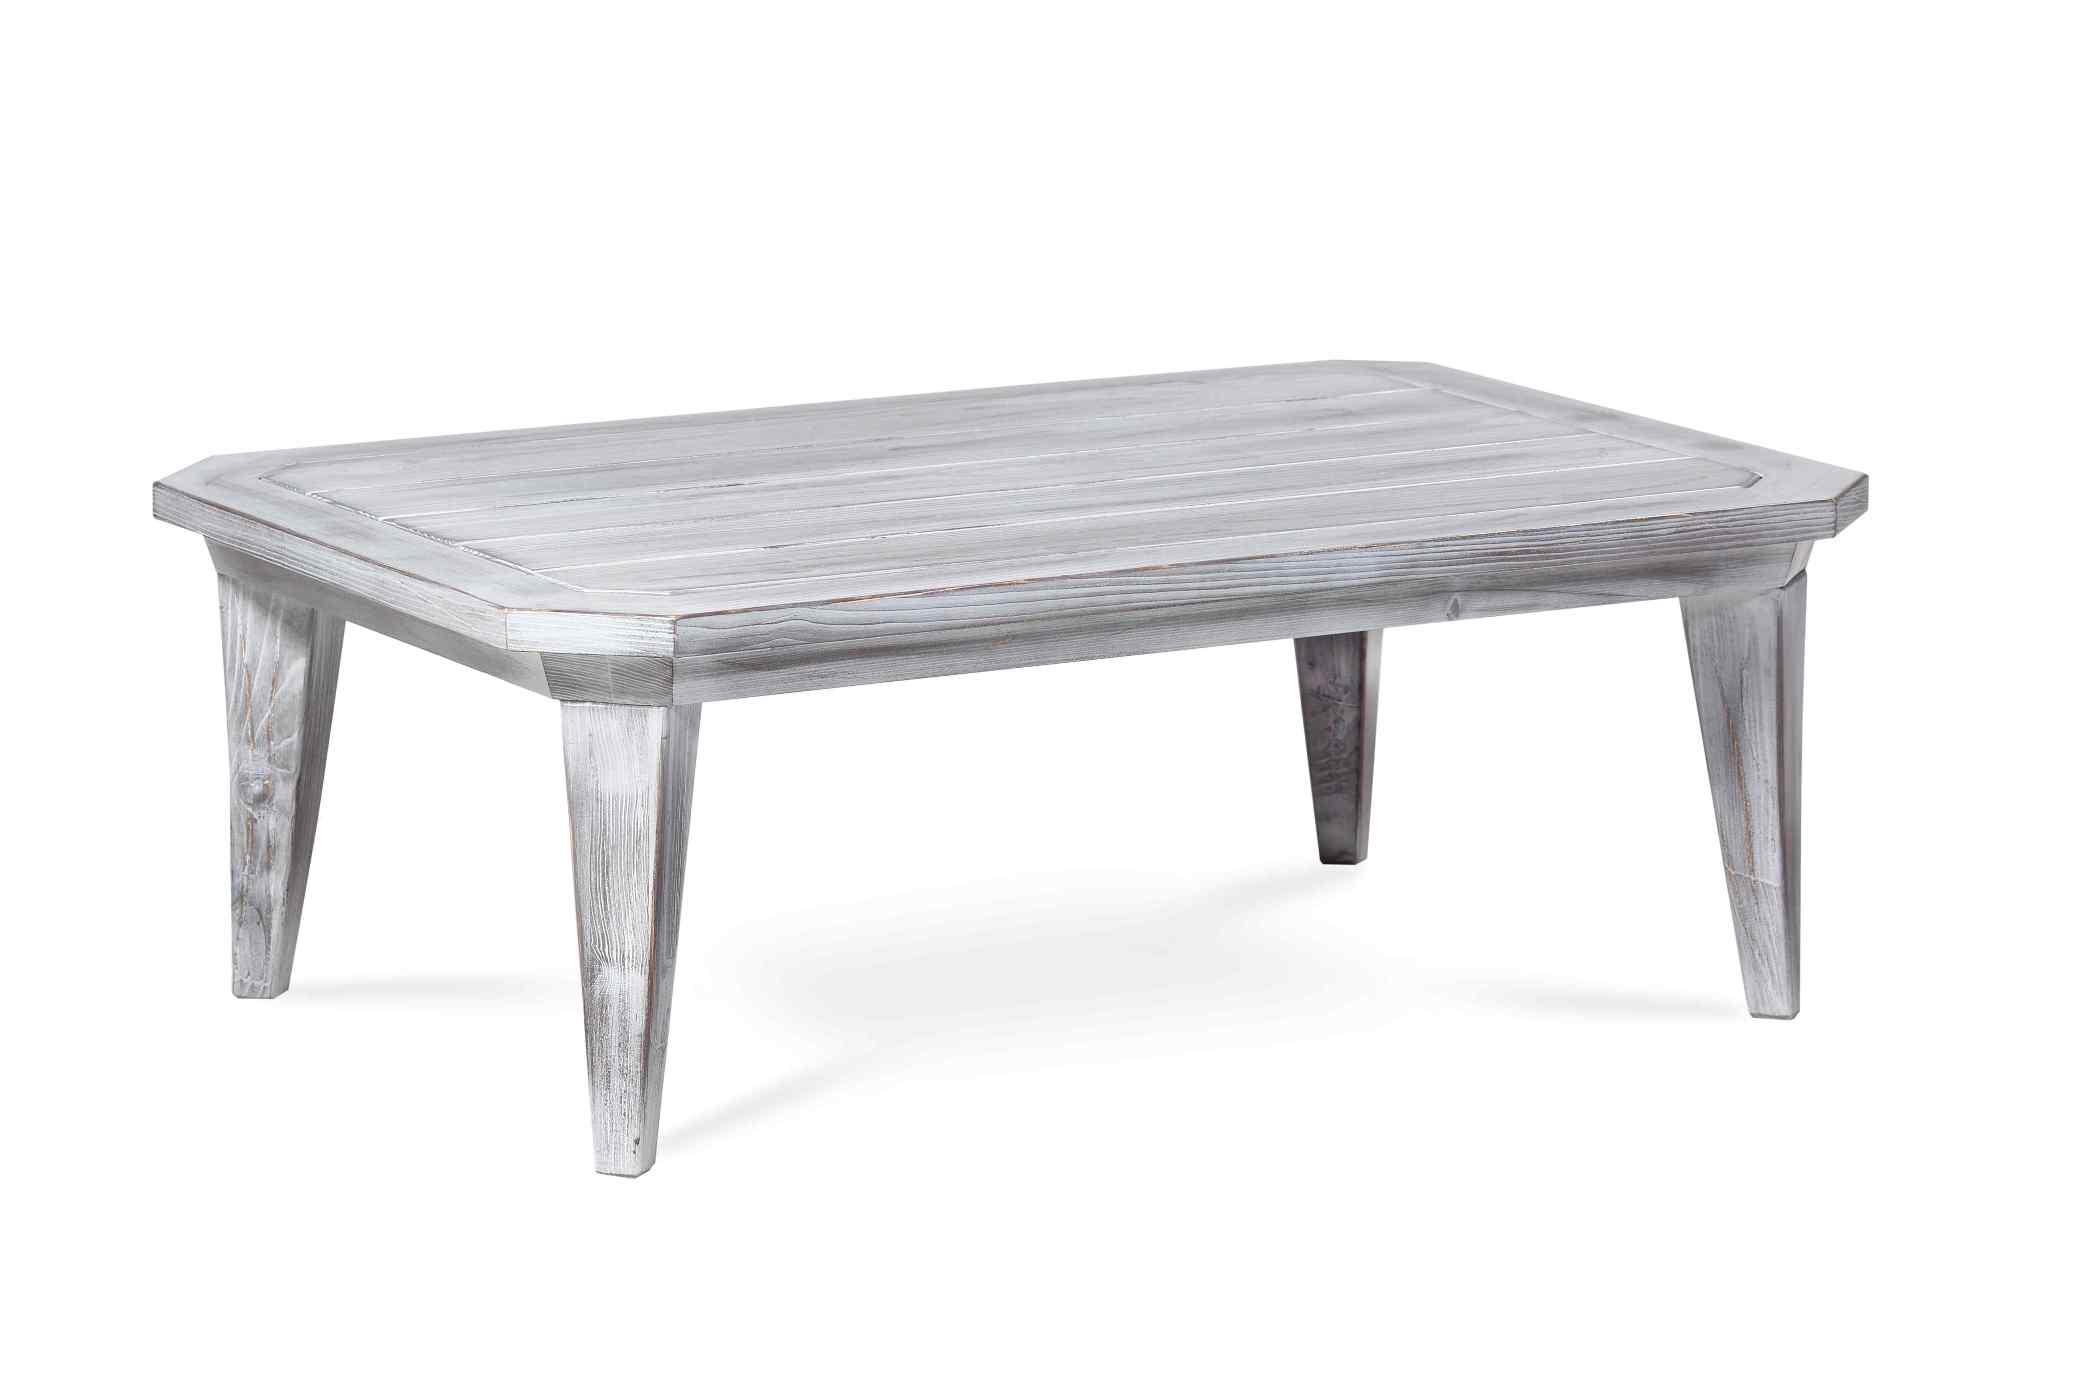 Стол ВенецияСтолы и столики для сада<br>Изделие из натуральной древесины.<br><br>Material: Дерево<br>Width см: 110<br>Depth см: 79<br>Height см: 40